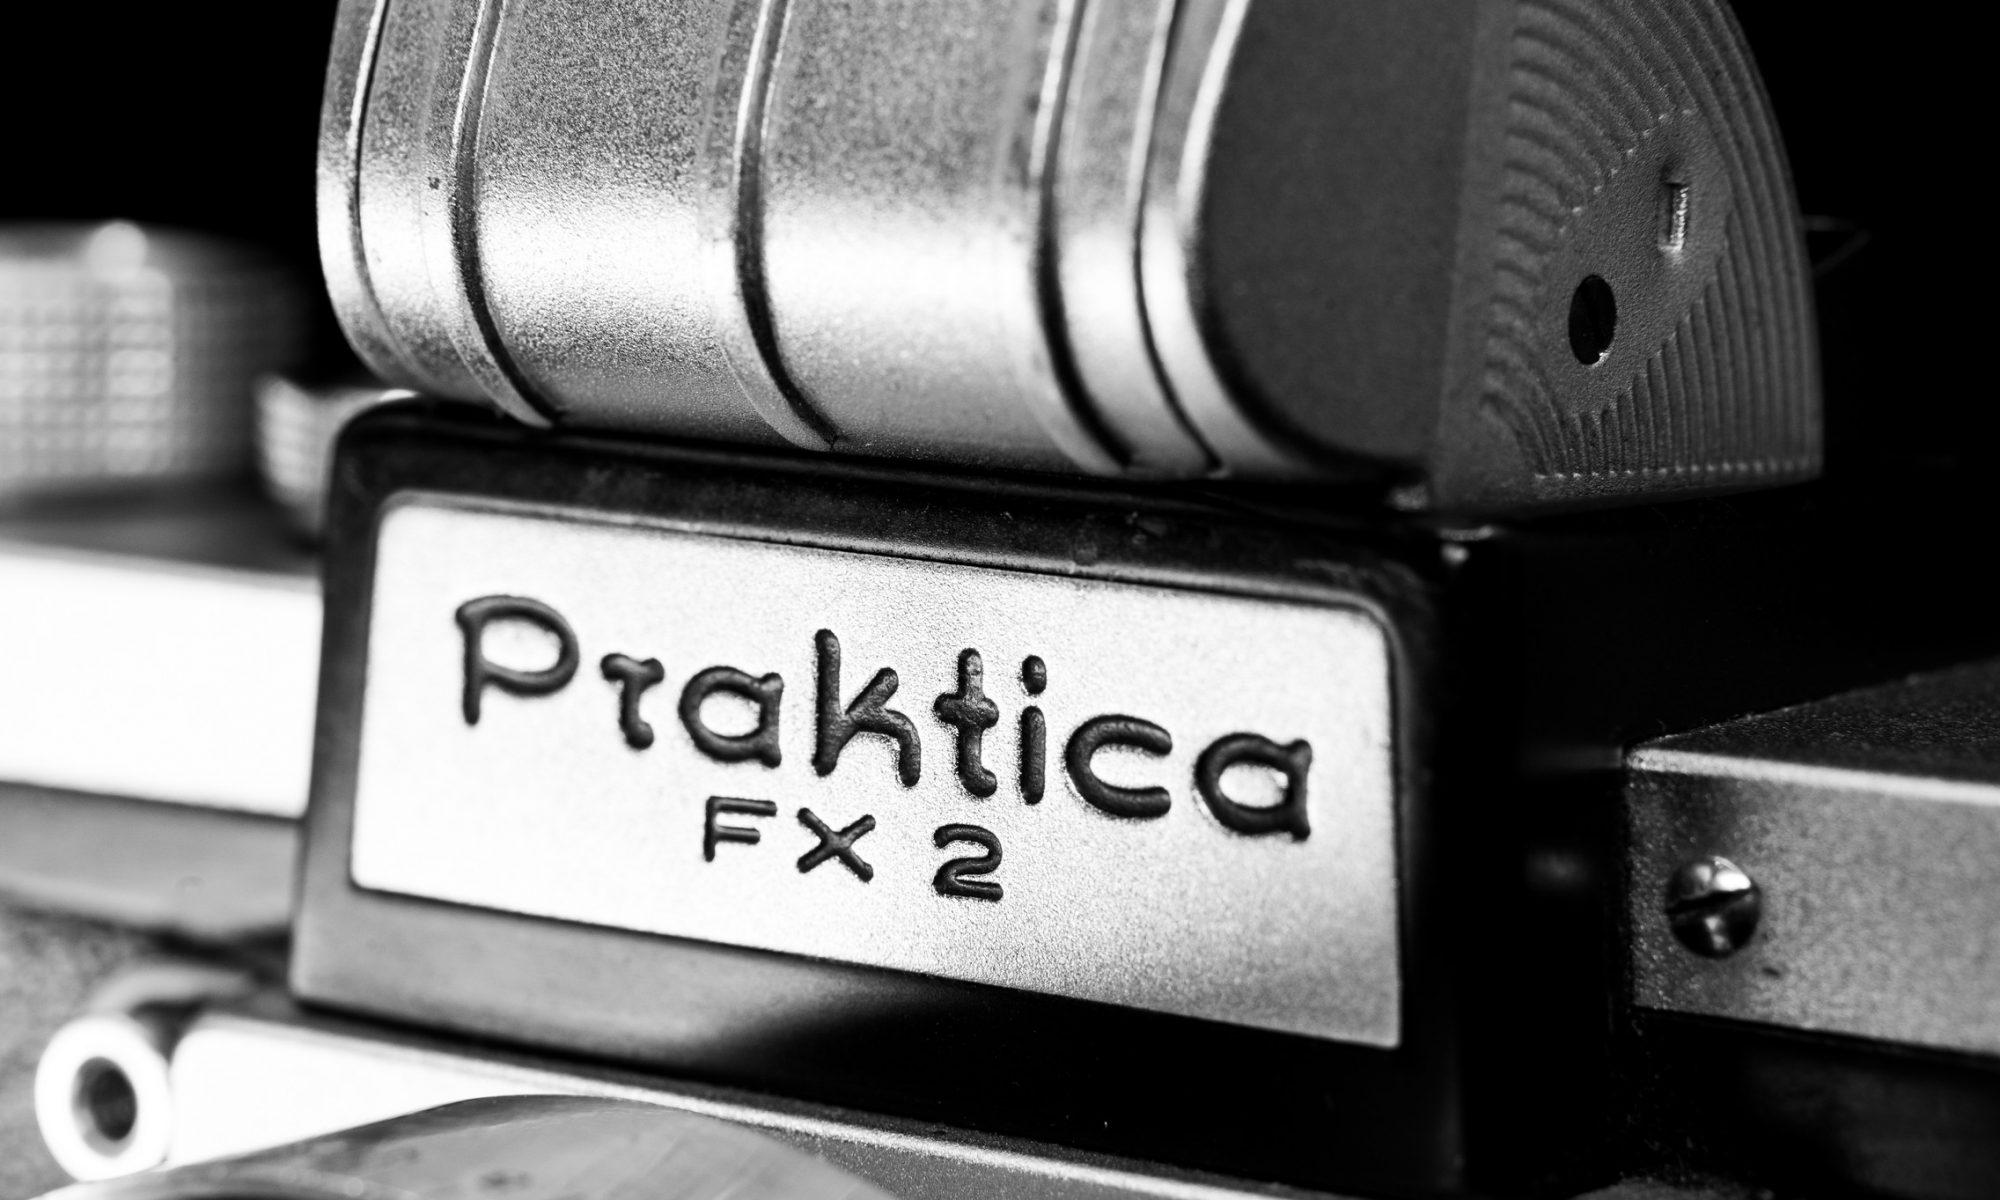 Praktica FX2 review